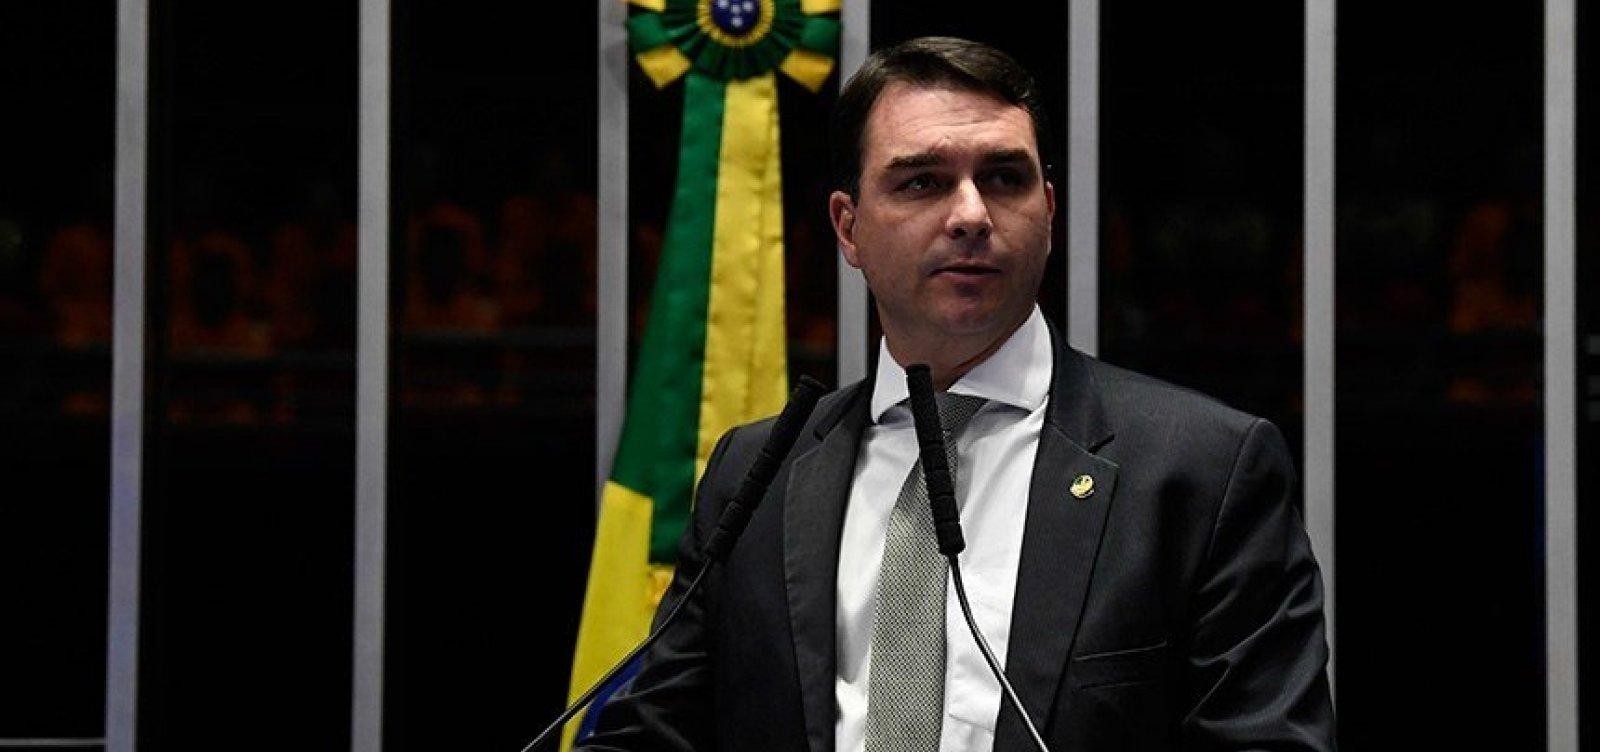 [Ministério Público do Rio recorre ao STF contra decisão que beneficia Flávio Bolsonaro]